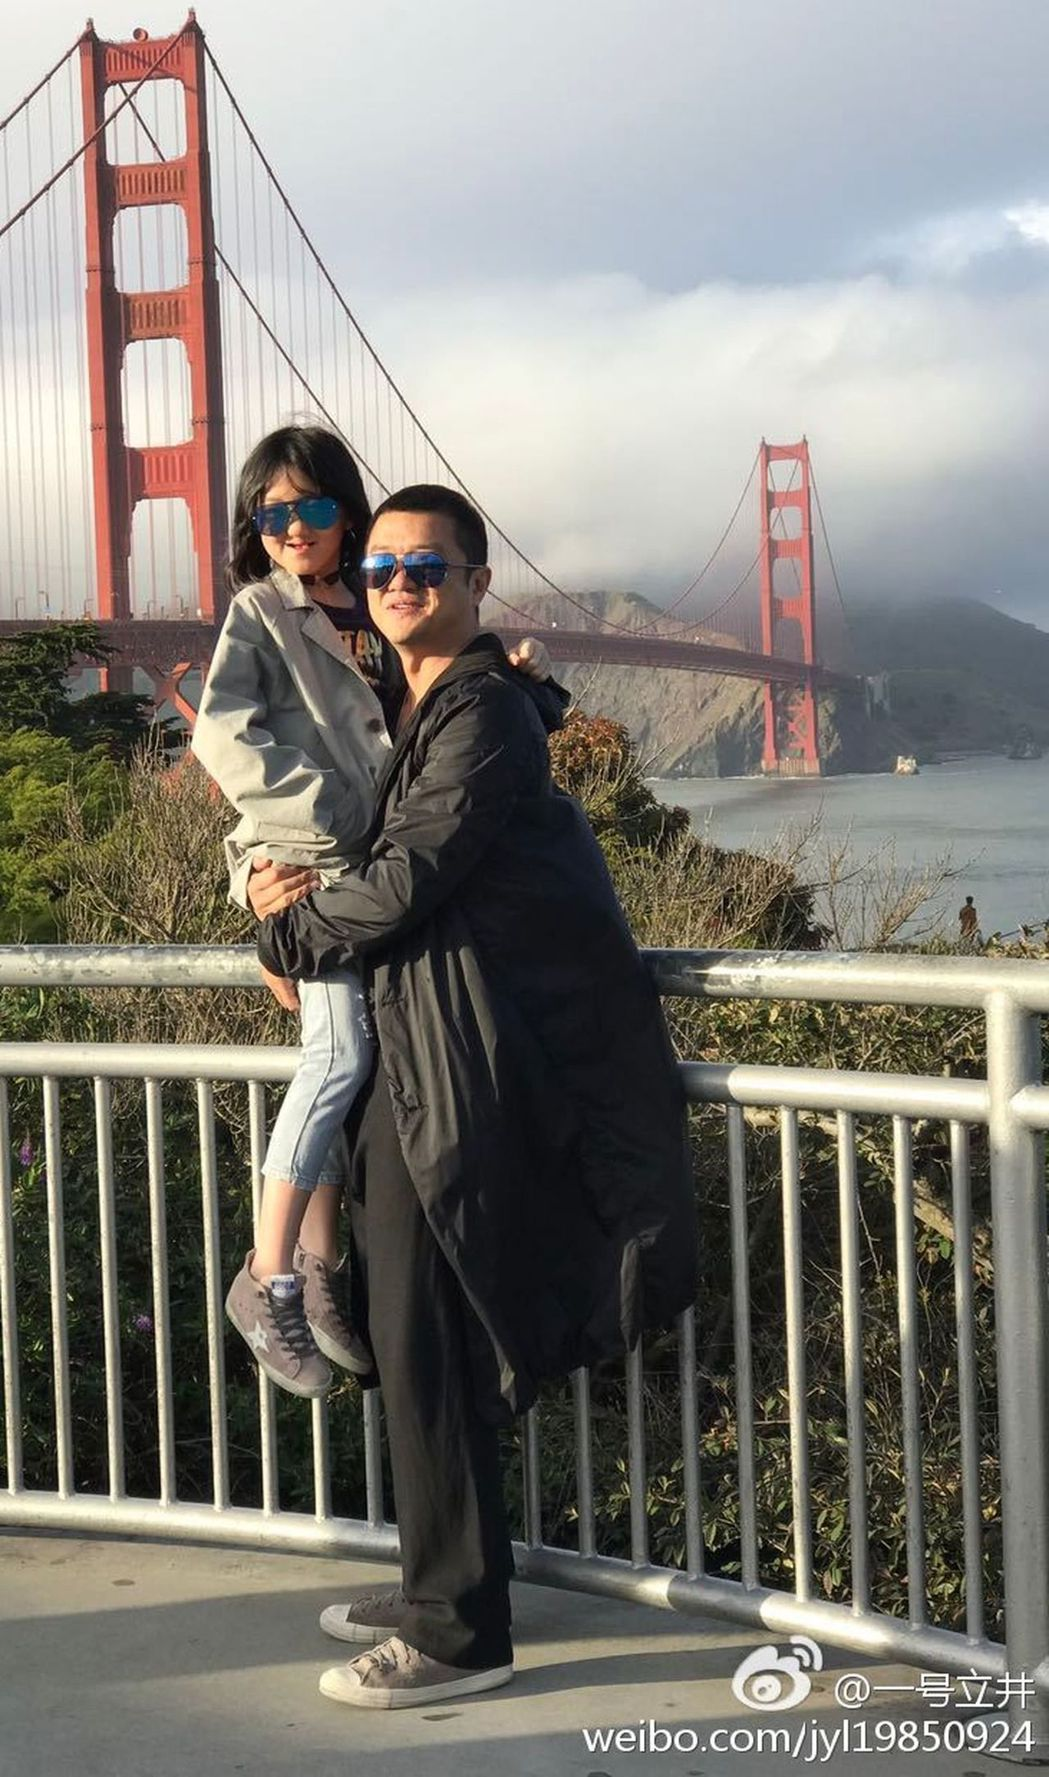 李嫣已經小學畢業了,而李亞鵬對女兒的最大期許是快樂成長。圖╱摘自微博